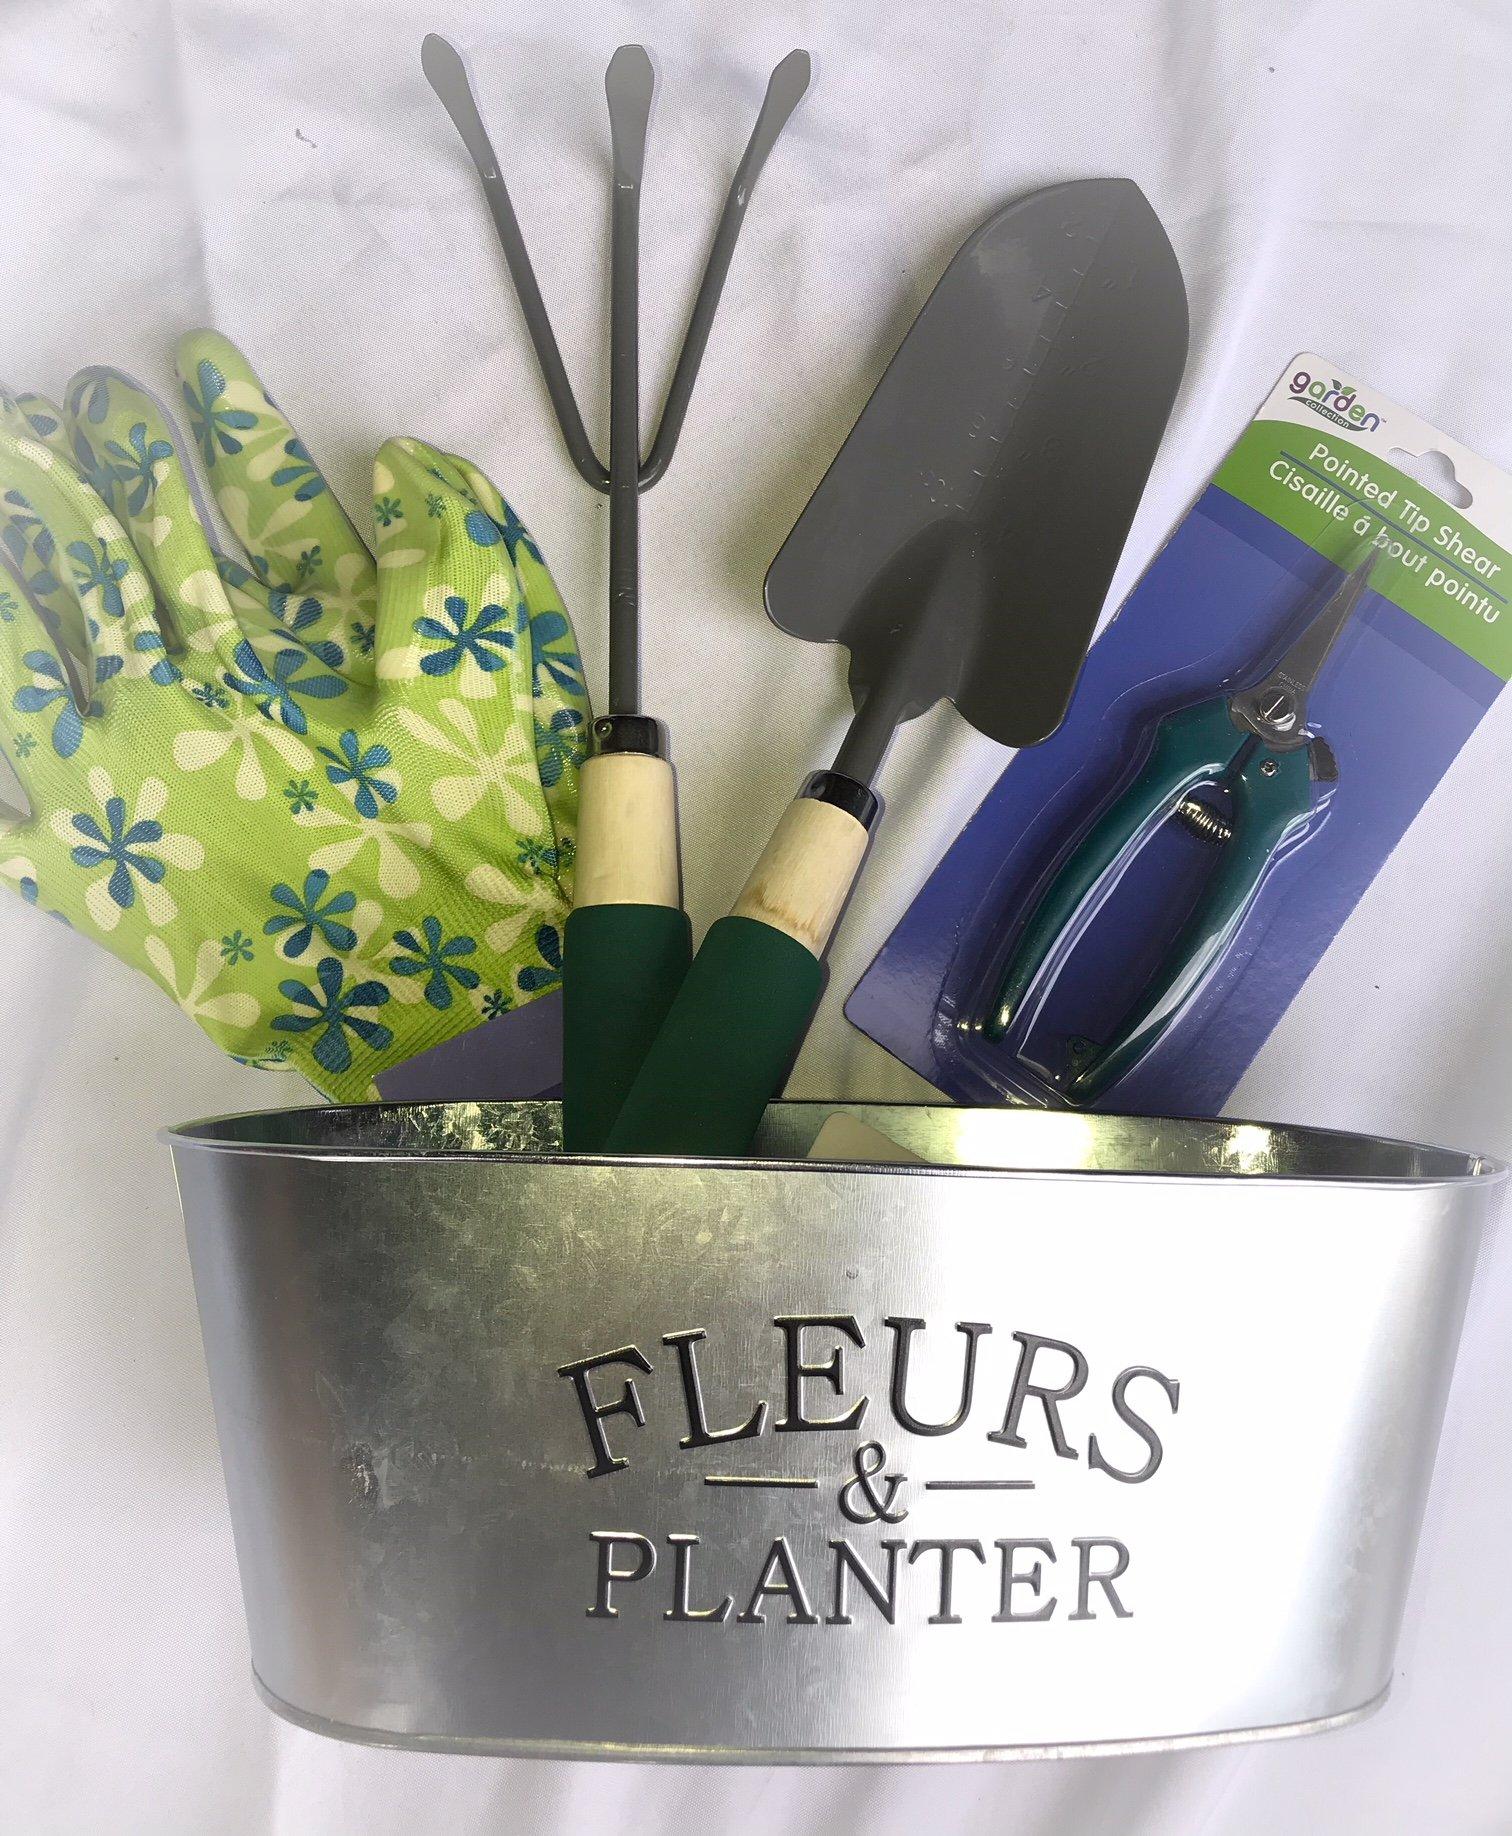 Garden Basket Bundle - Gloves, Trowel, Foam Grip Cultivator, Serrated Shears (Teal Green)